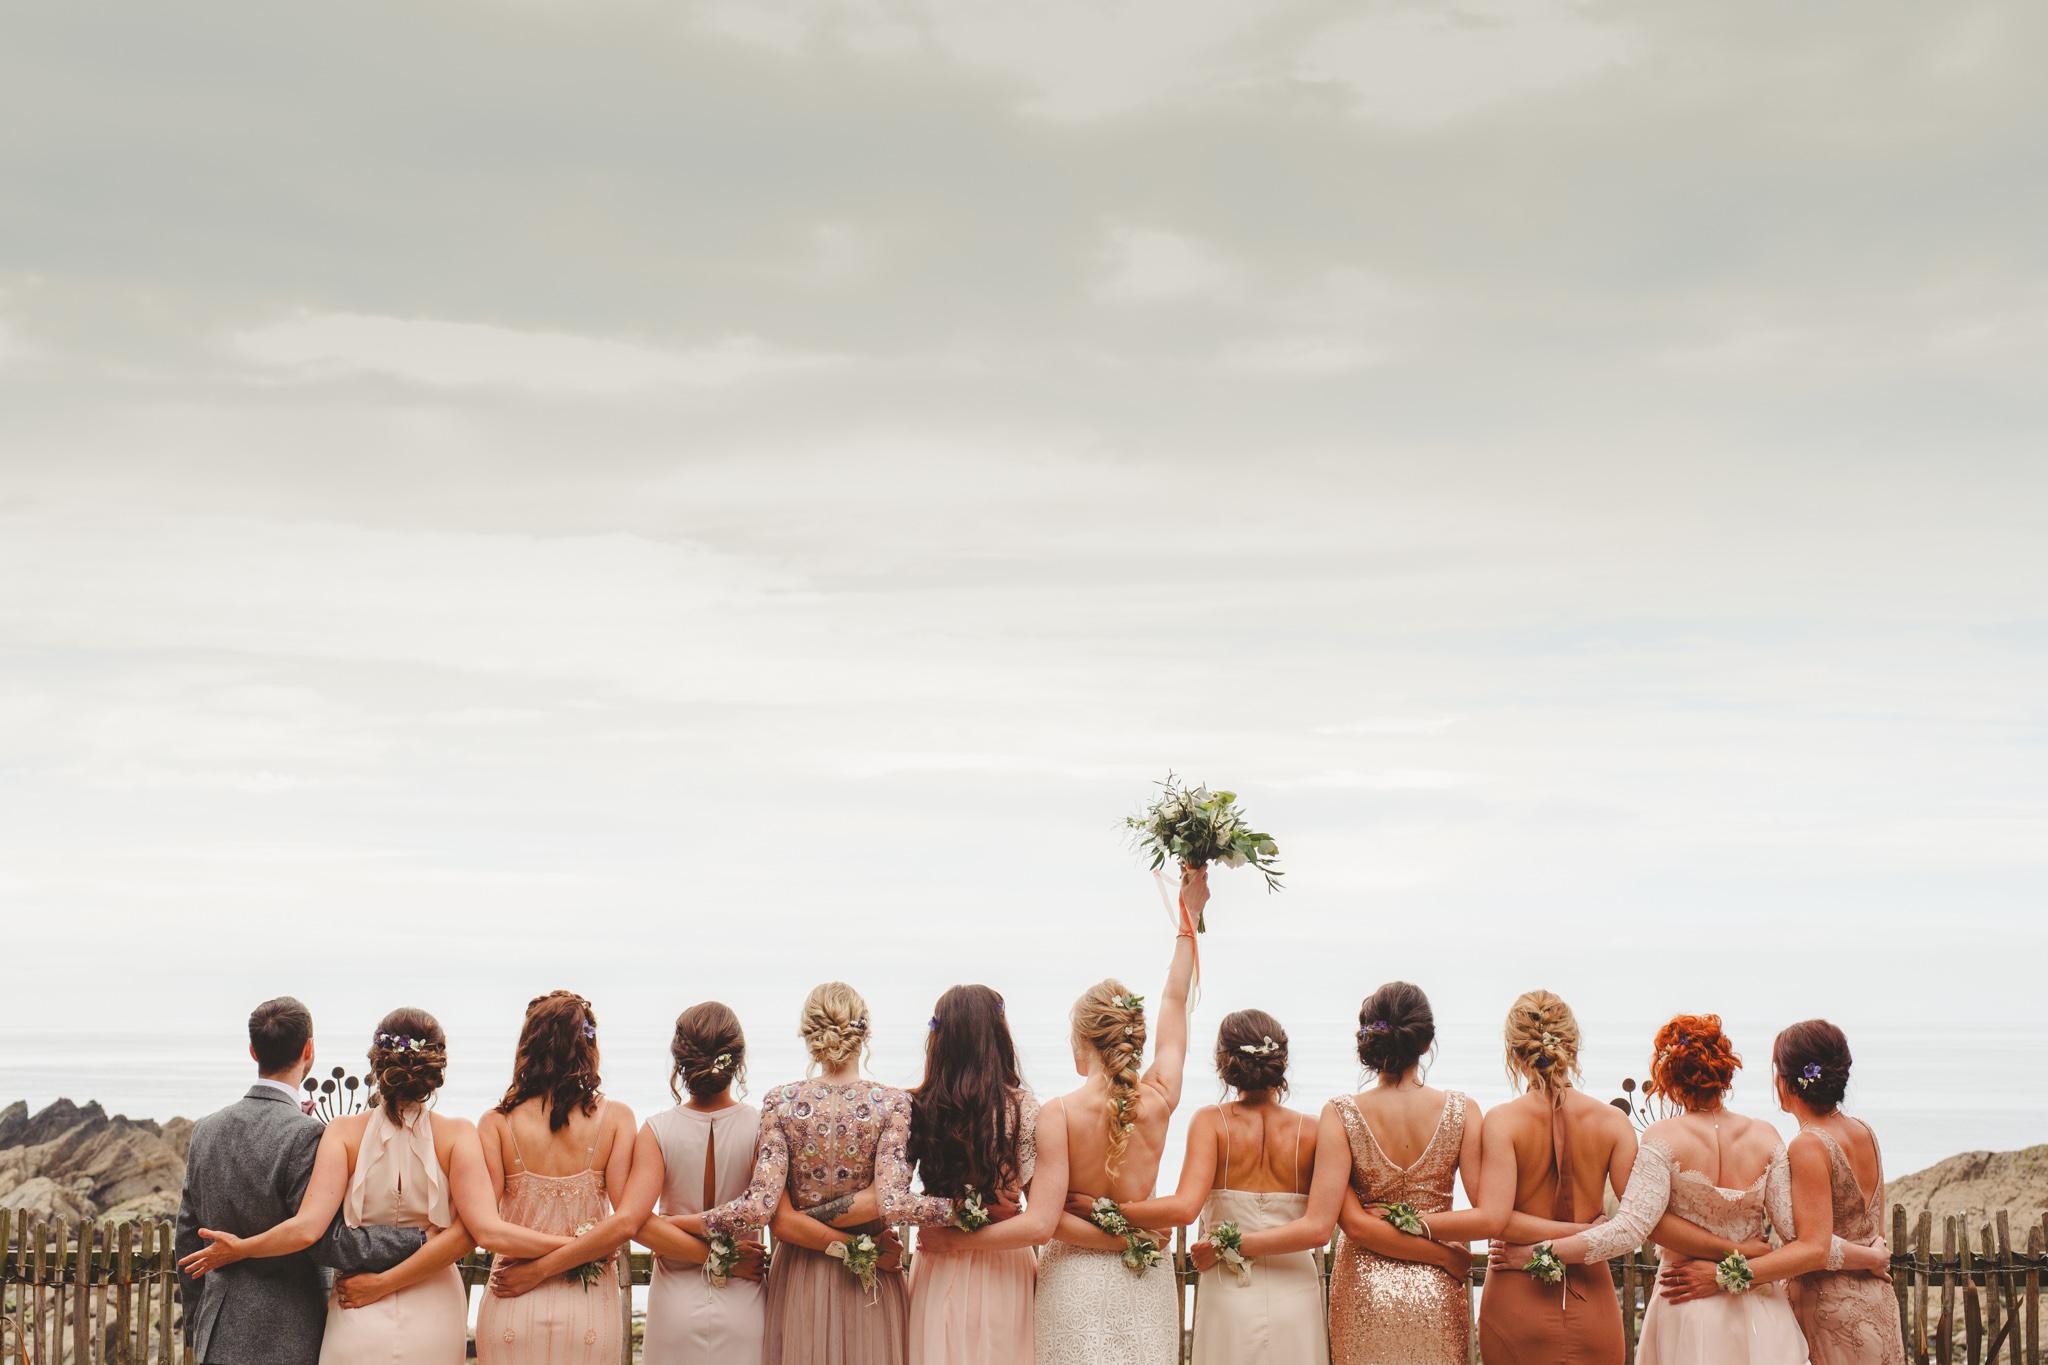 tunnels-beaches-devon-wedding-photography-23.jpg